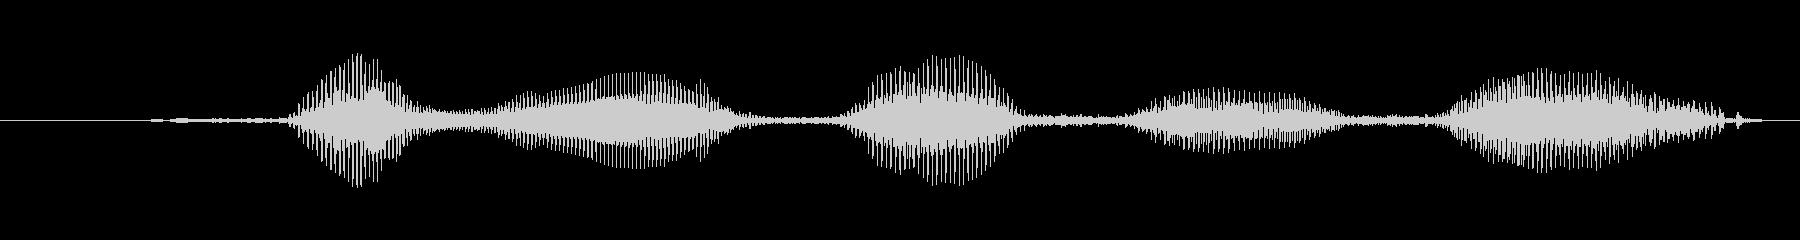 鳴き声 リトルガールラフフェイク01の未再生の波形